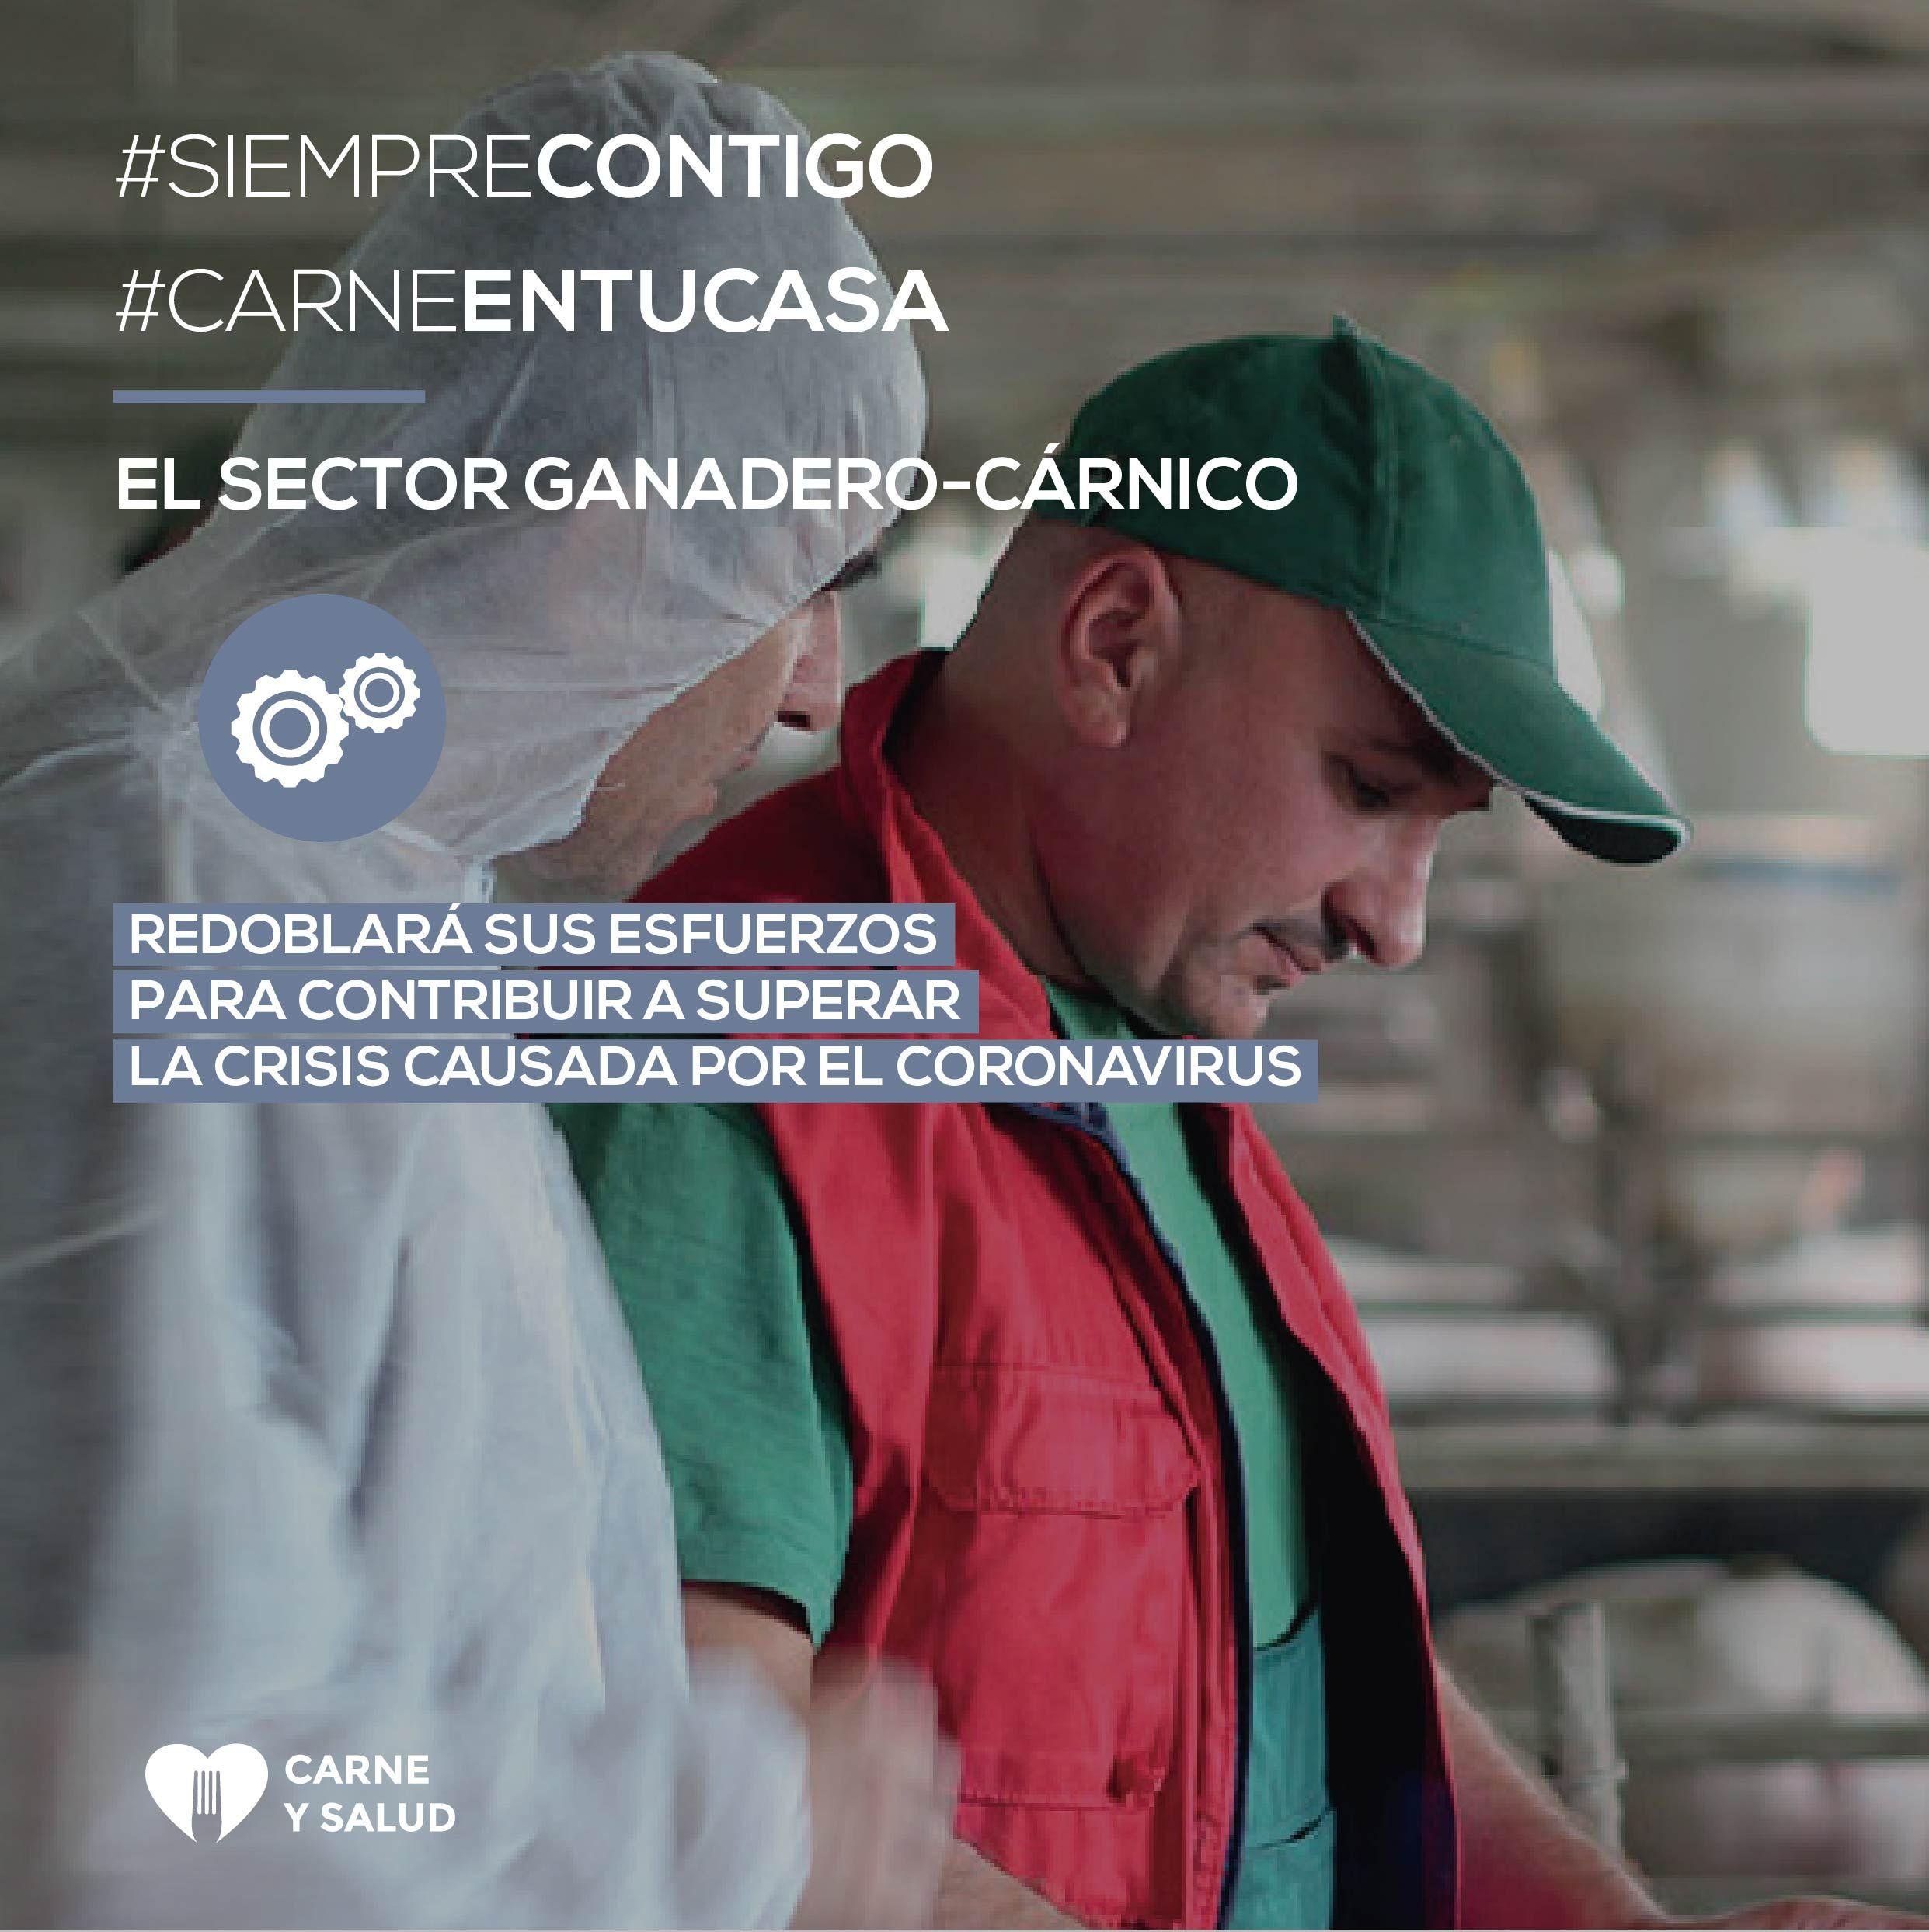 Foto de El sector ganadero-cárnico